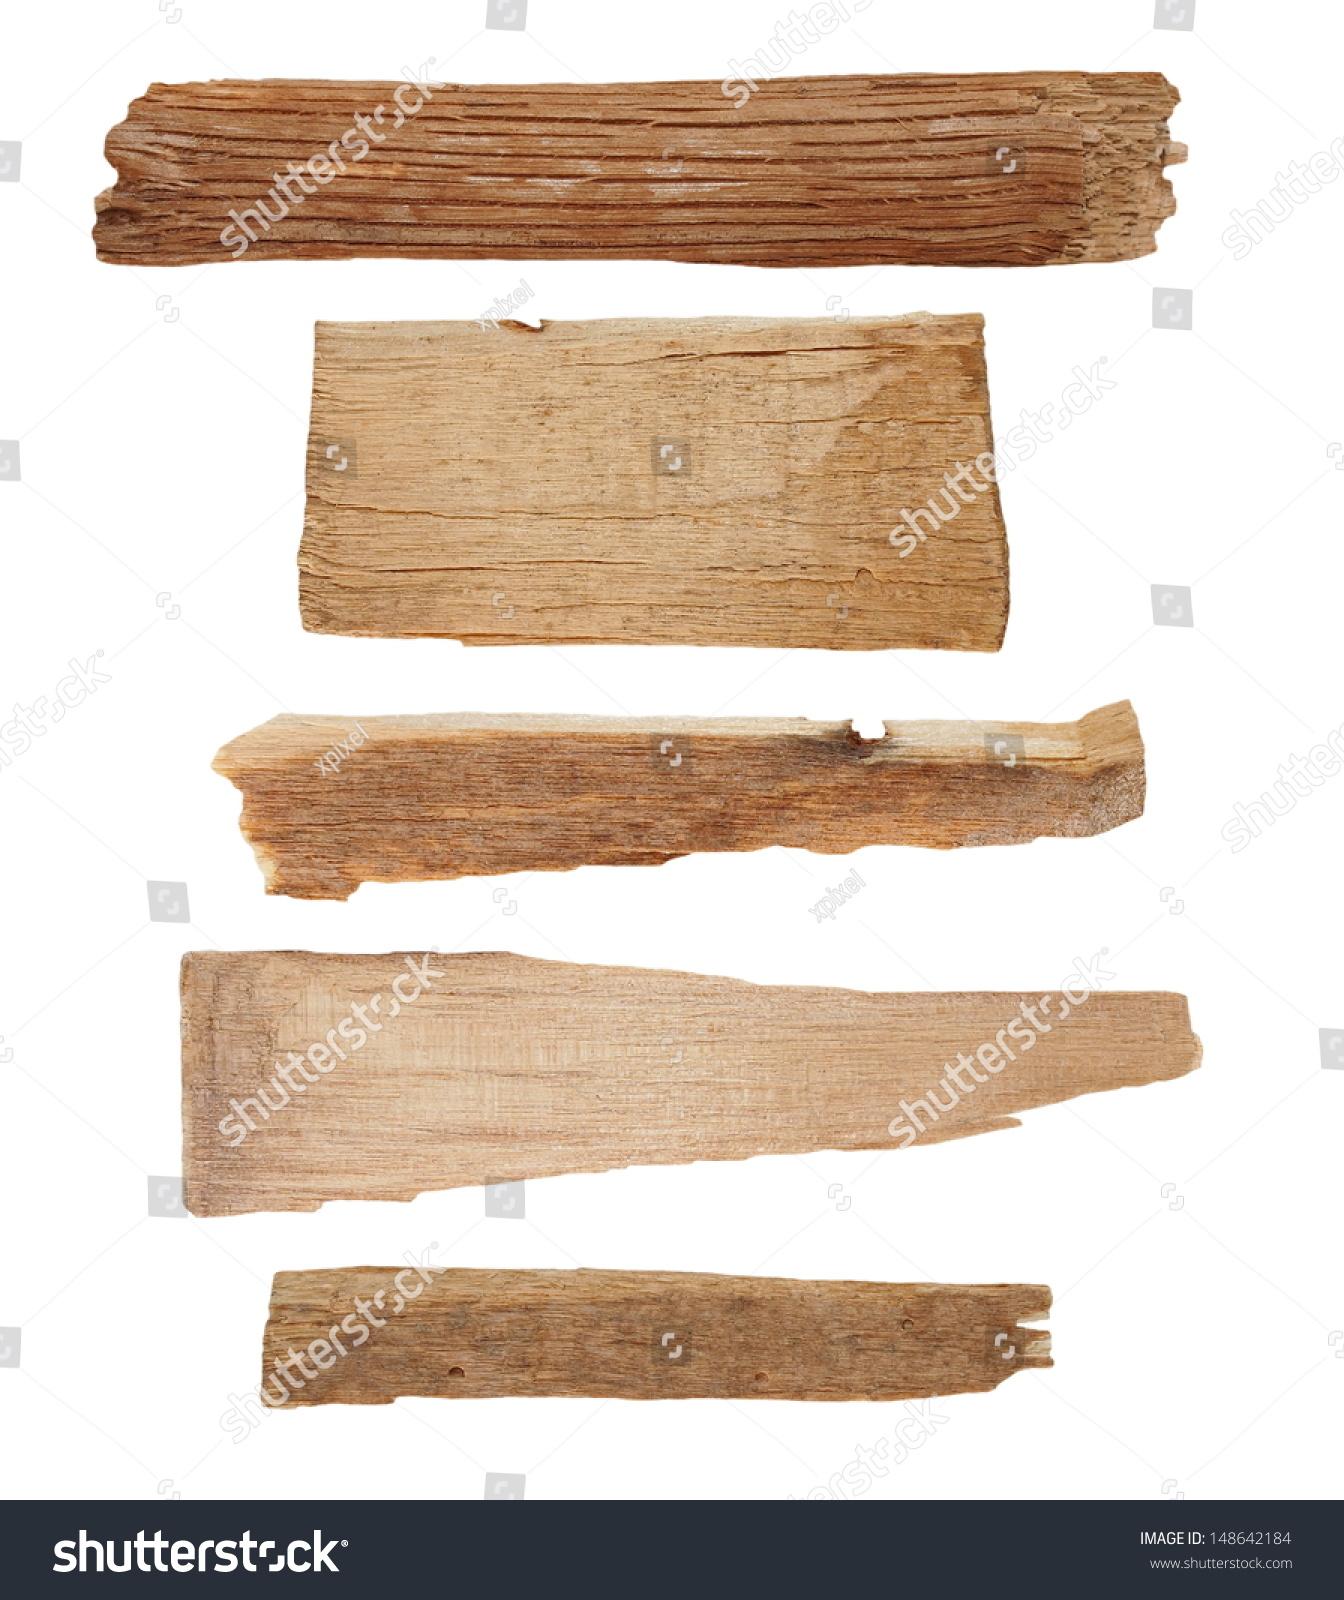 集合块破木板孤立在白色